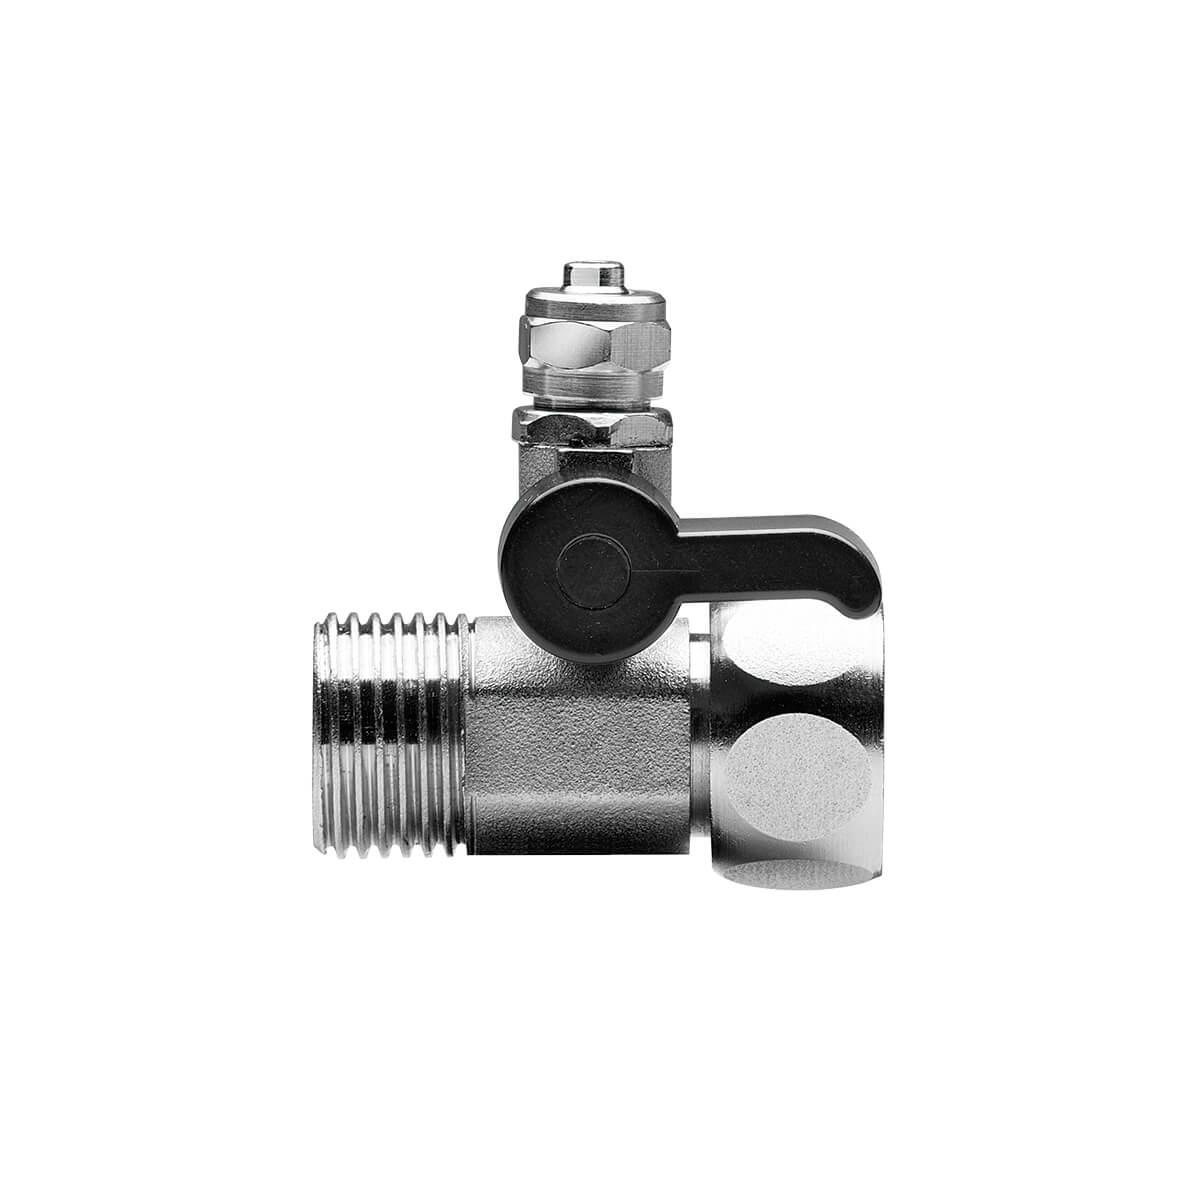 Válvula De Fechamento 3 Vias Metal 1/2 x 1/2 Pol x Tubo 1/4 Pol Planeta Água - AC100